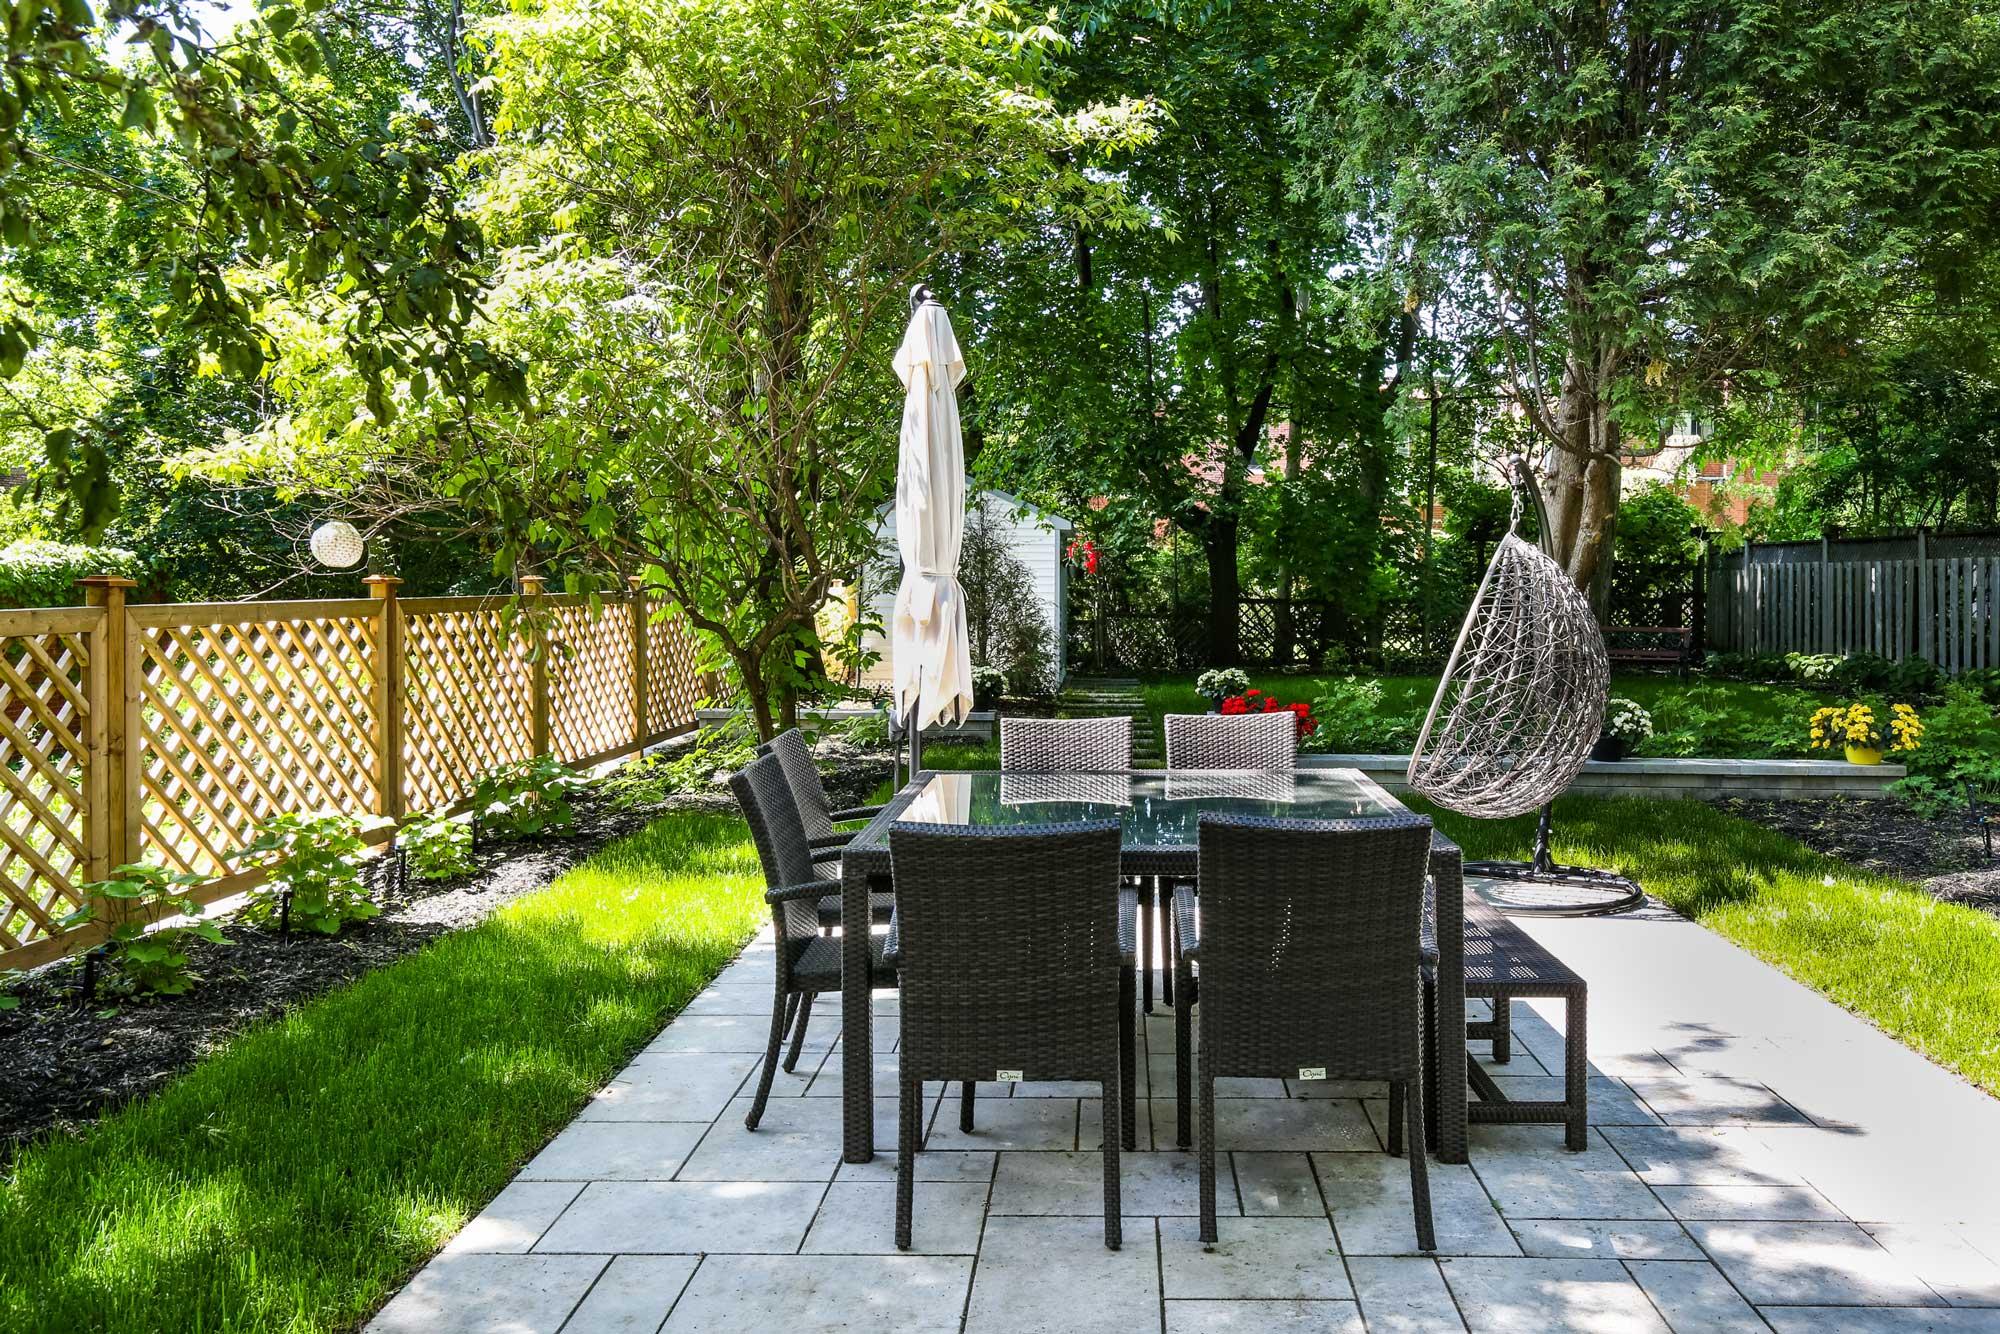 aménagement d'une terrasse dans une cour arrière avec table, parasol fermé et clôture en bois